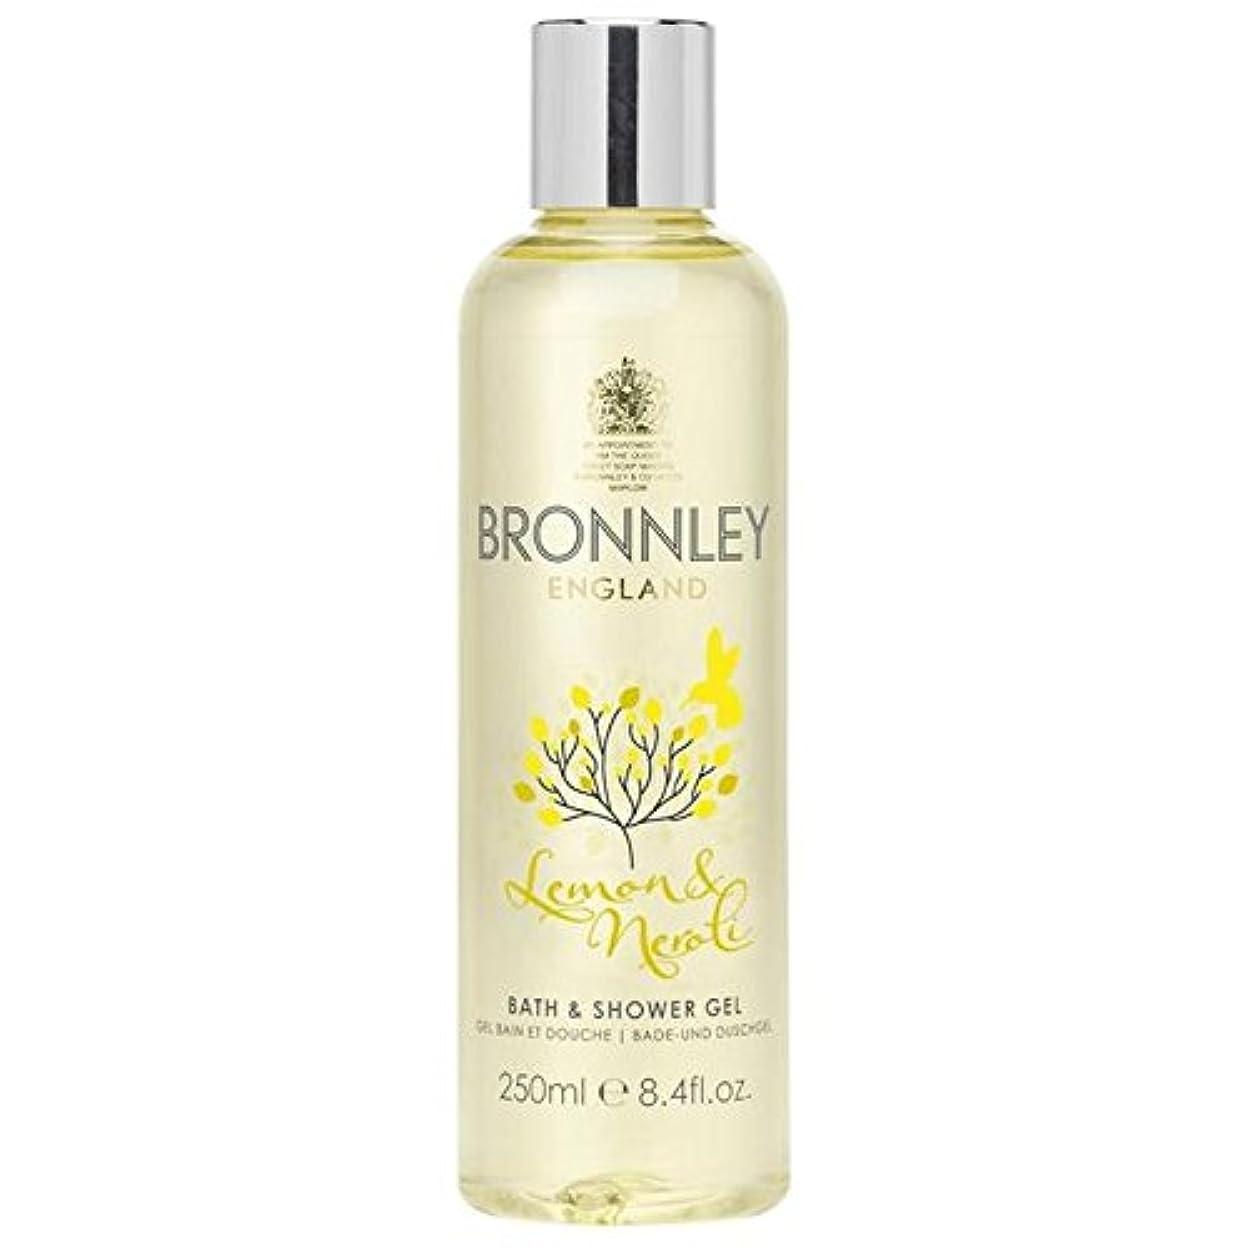 サンダース比率援助するレモン&ネロリバス&シャワージェル250ミリリットル x2 - Bronnley Lemon & Neroli Bath & Shower Gel 250ml (Pack of 2) [並行輸入品]